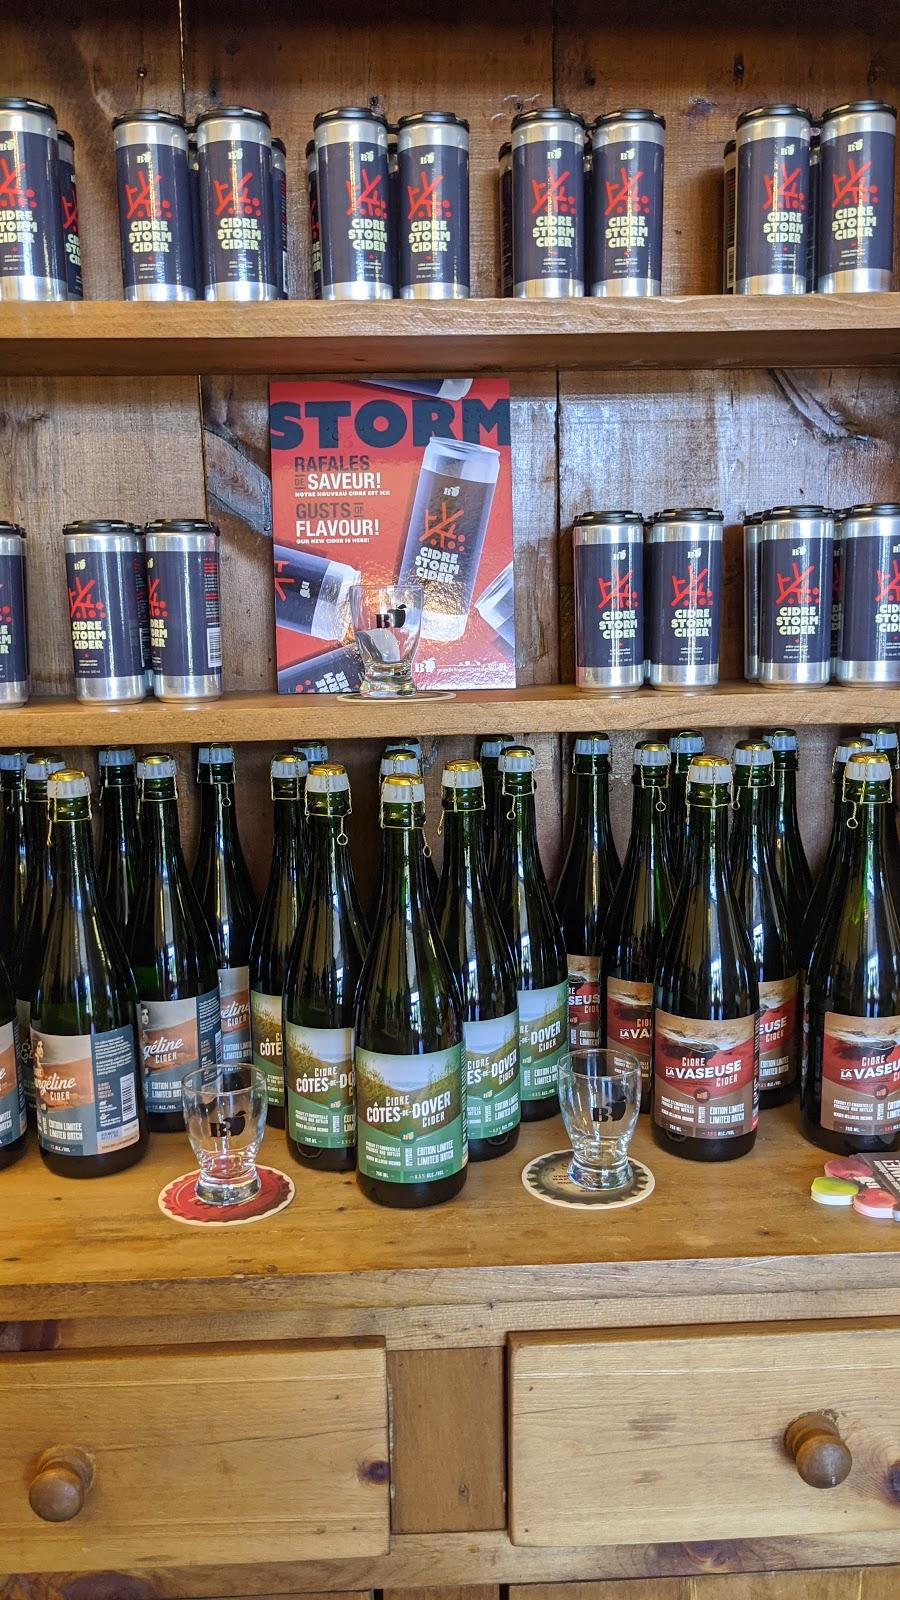 Belliveau Orchard   store   1209 Rue Principale, Memramcook, NB E4K 2S6, Canada   5067580295 OR +1 506-758-0295